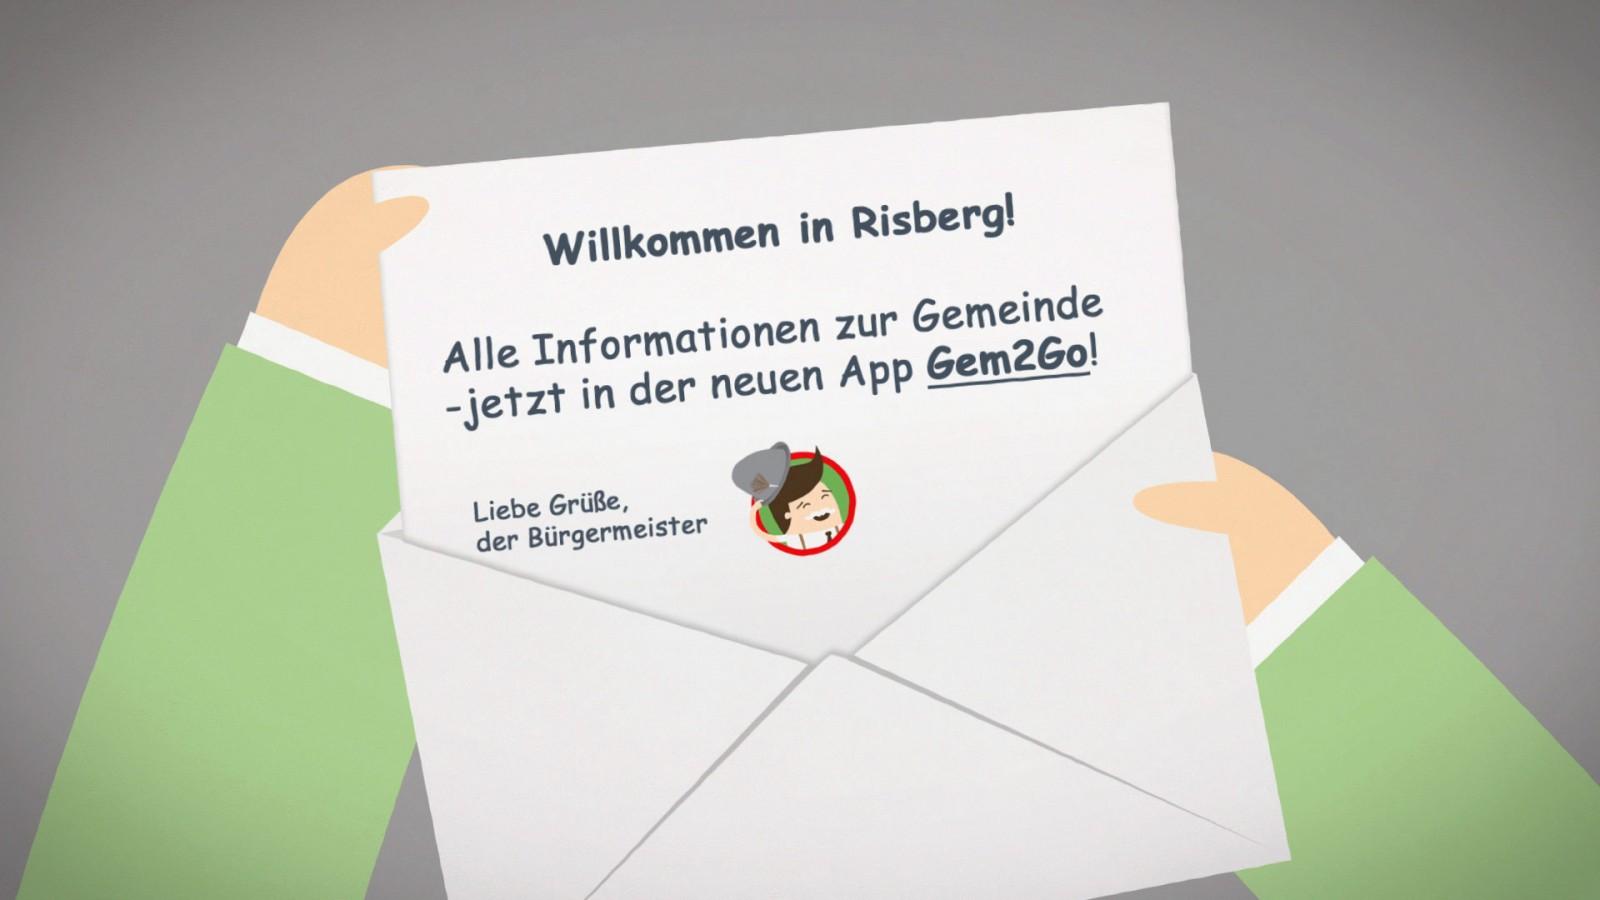 stefanfleig_ris_gem2go_03